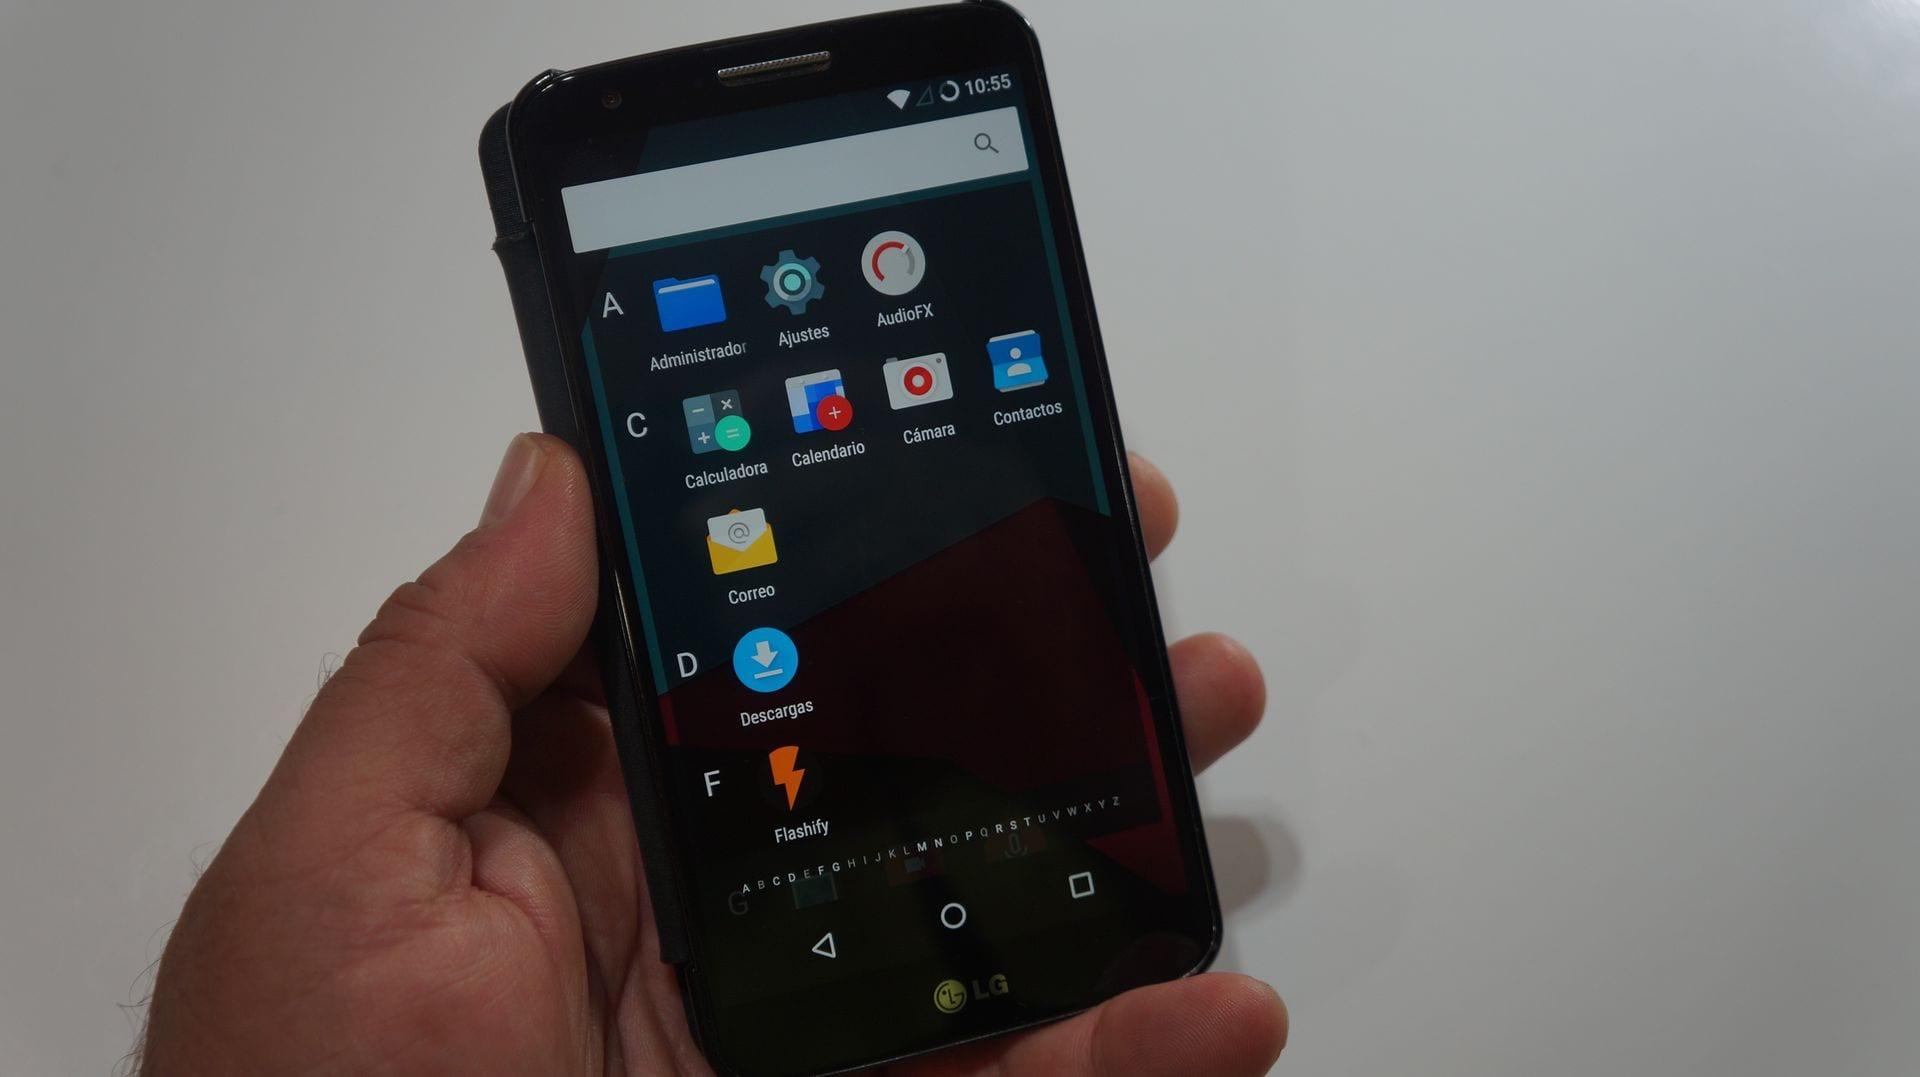 Cómo preparar el LG G2 para su actualización a Android Nougat